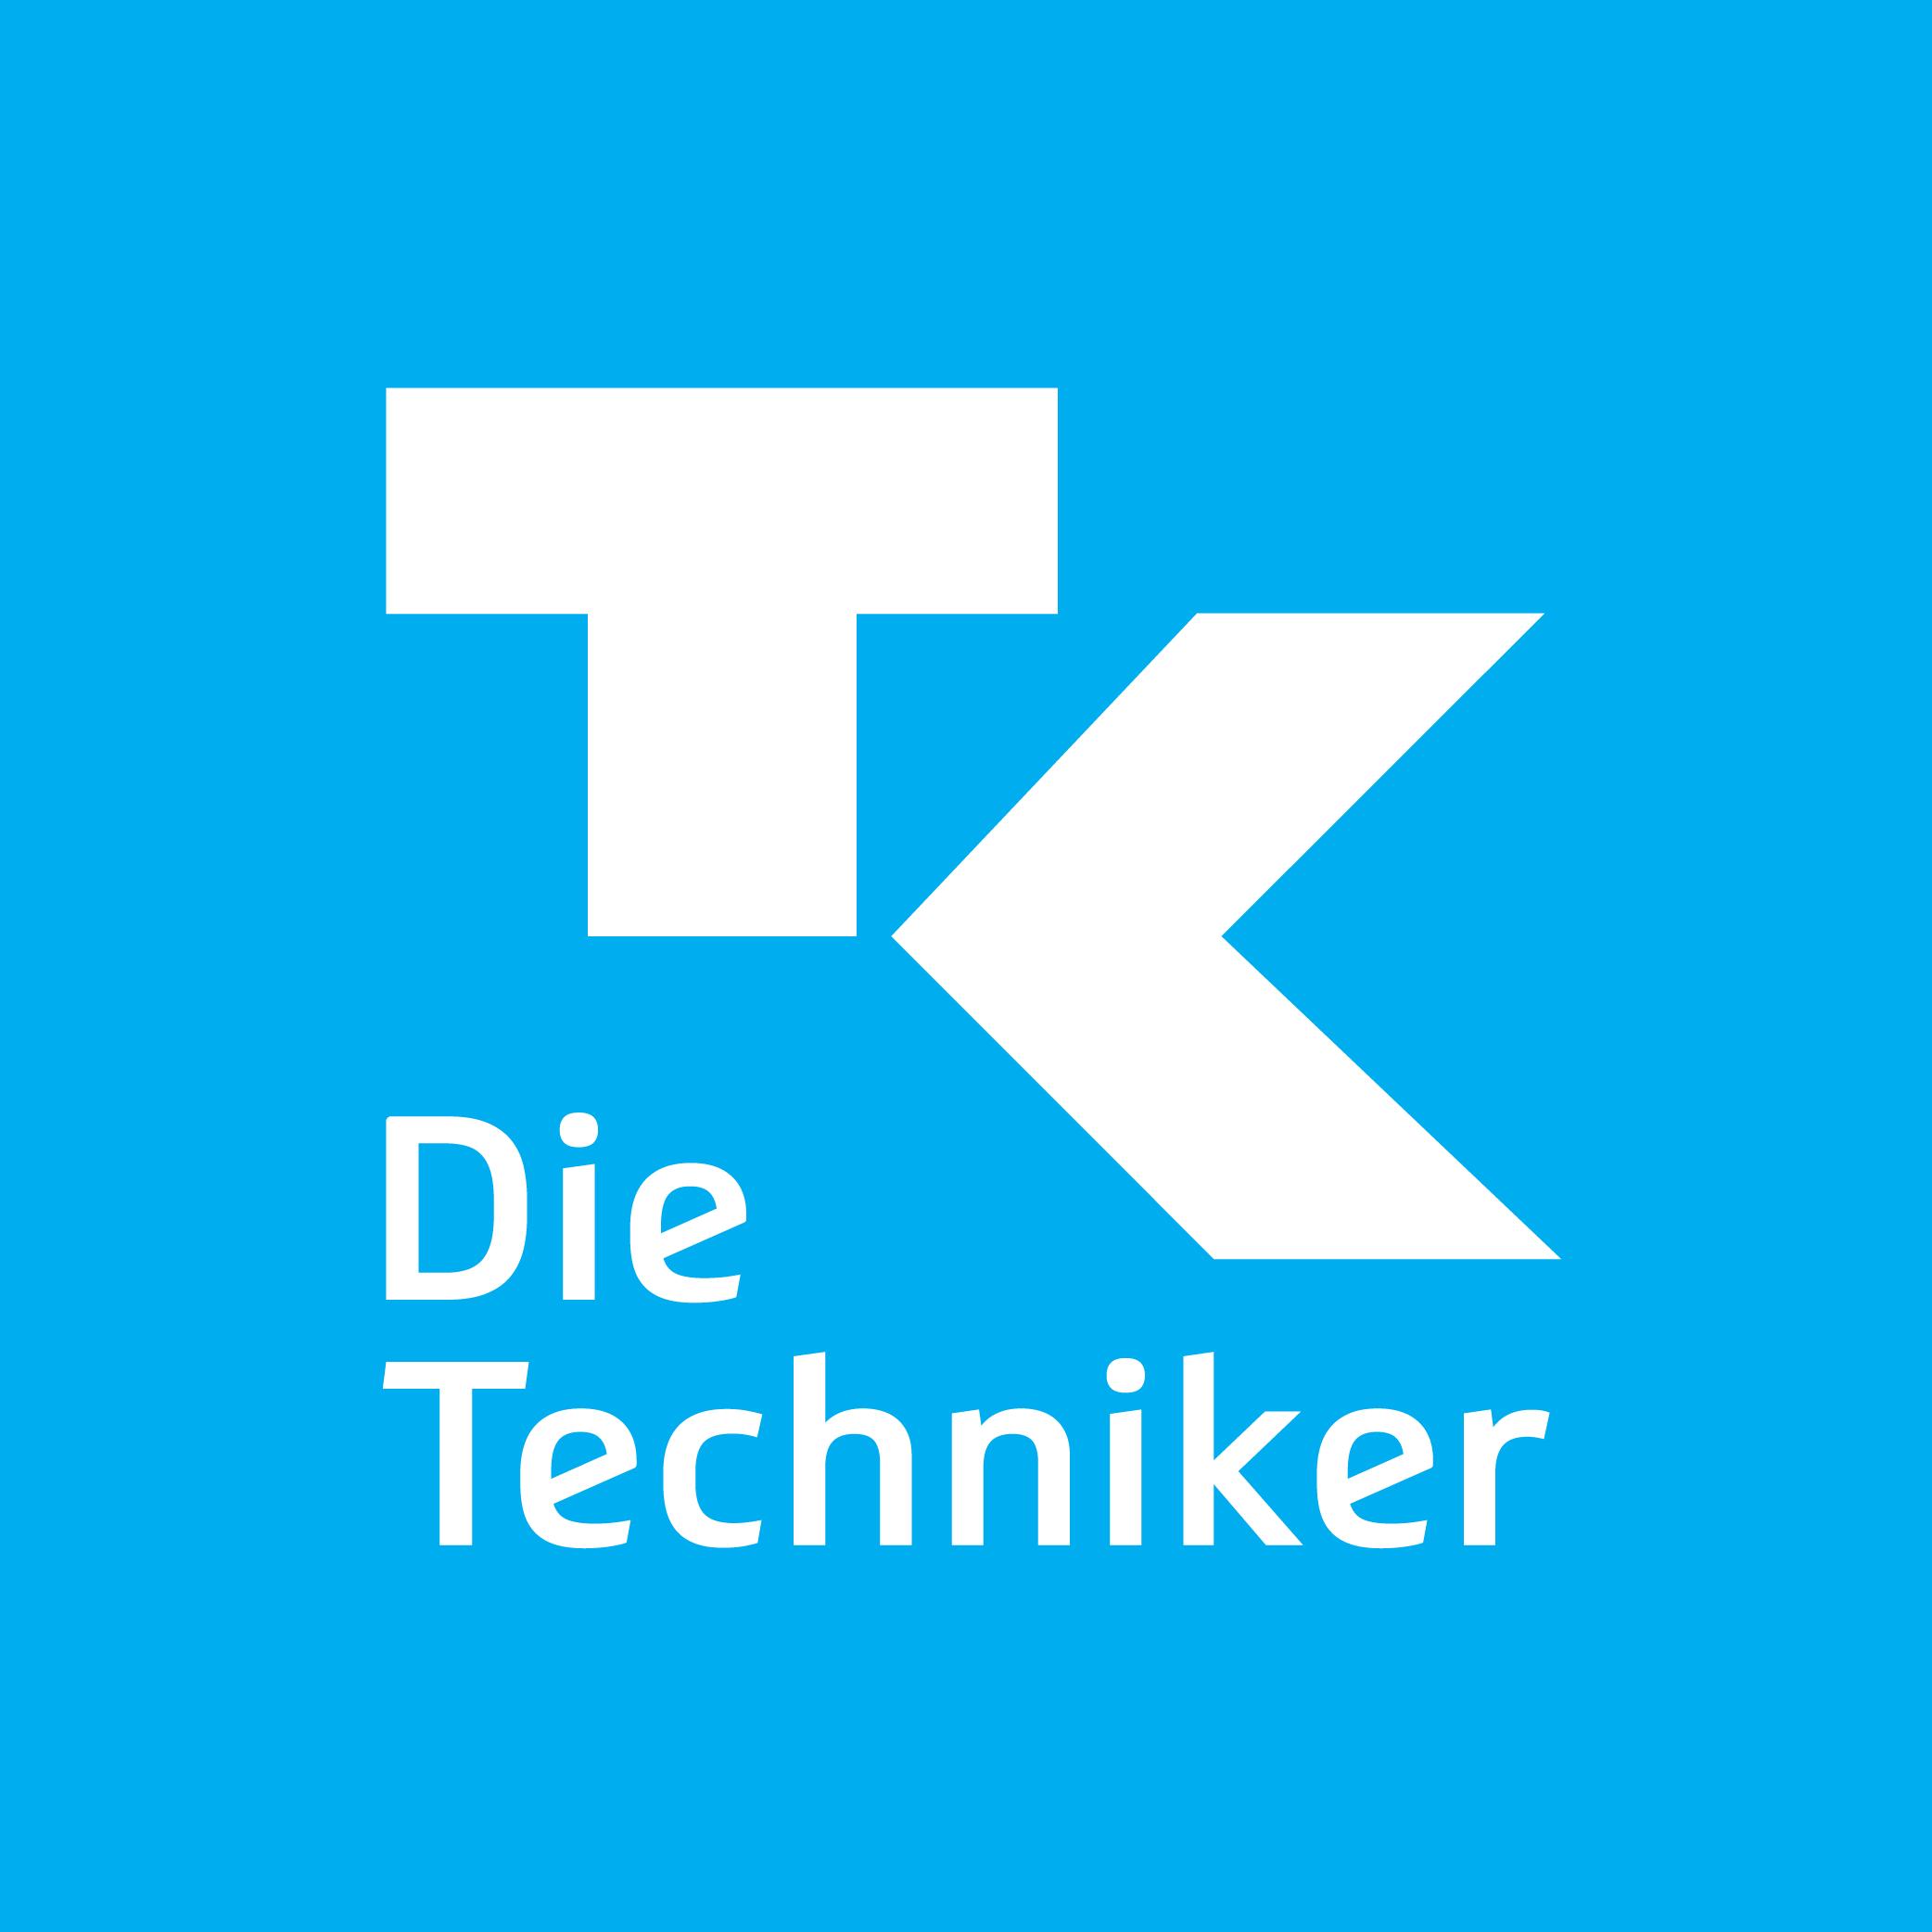 Markenzeichen der Techniker Krankenkasse (TK)